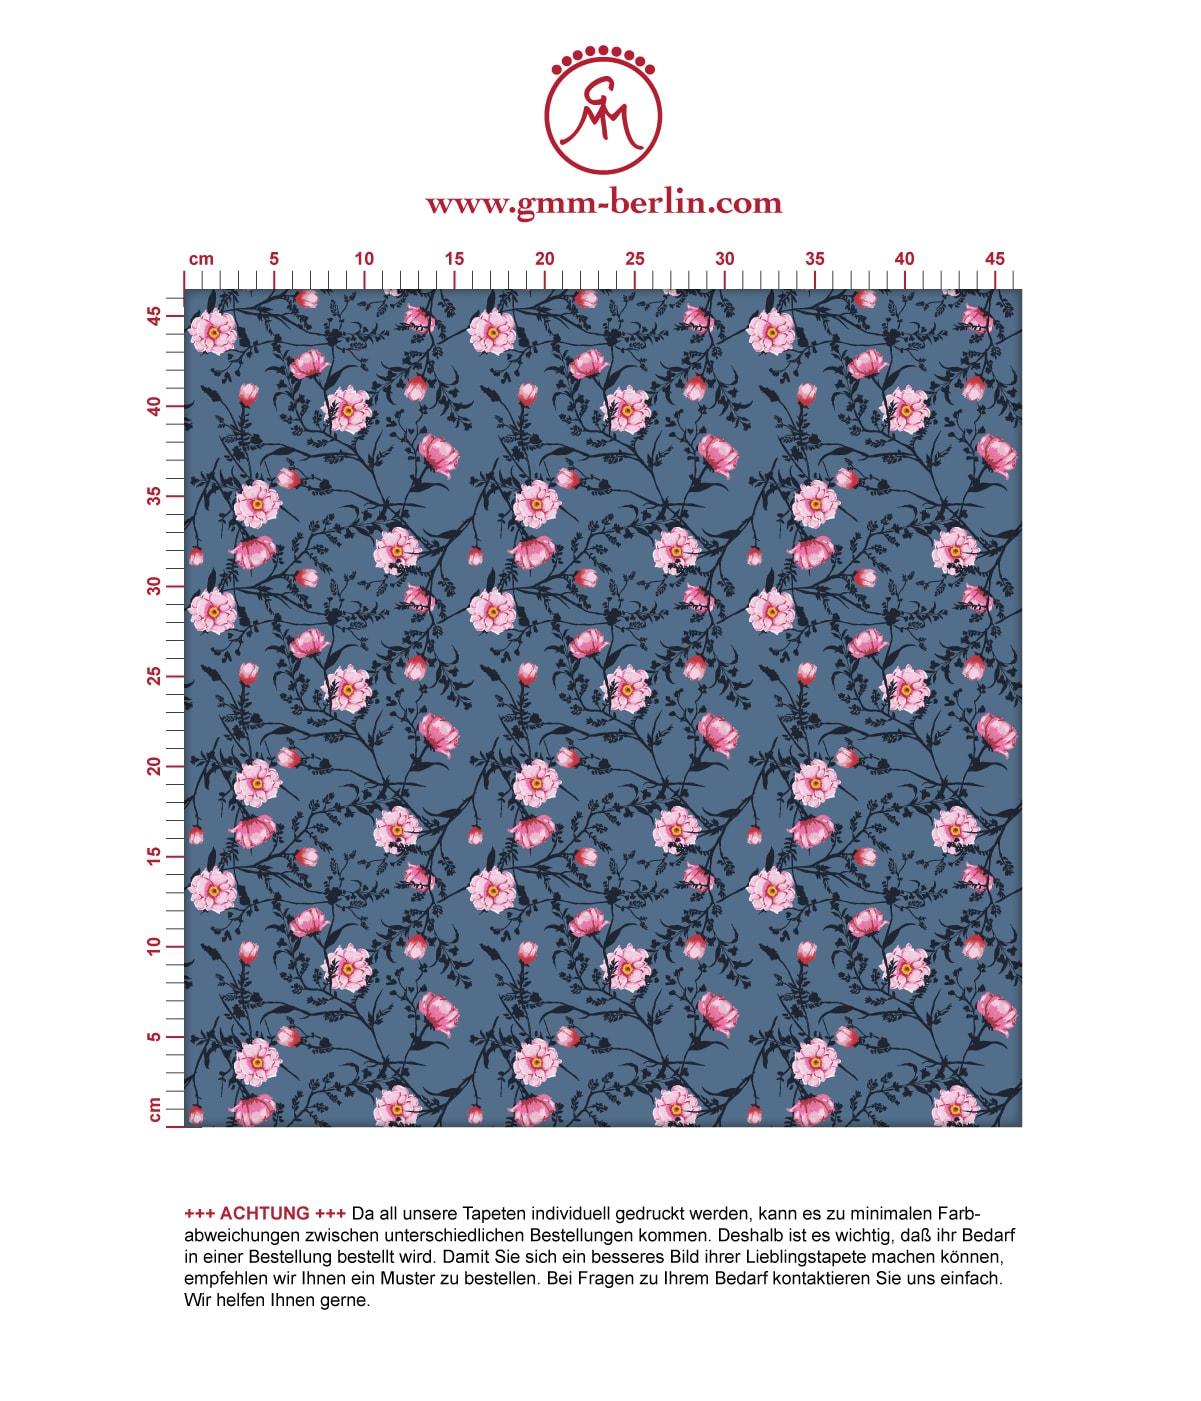 Blumentapete Printemps mit zarten Ranken in blau - Nostalgietapete für Wohnzimmer. Aus dem GMM-BERLIN.com Sortiment: Schöne Tapeten in der Farbe: rosa